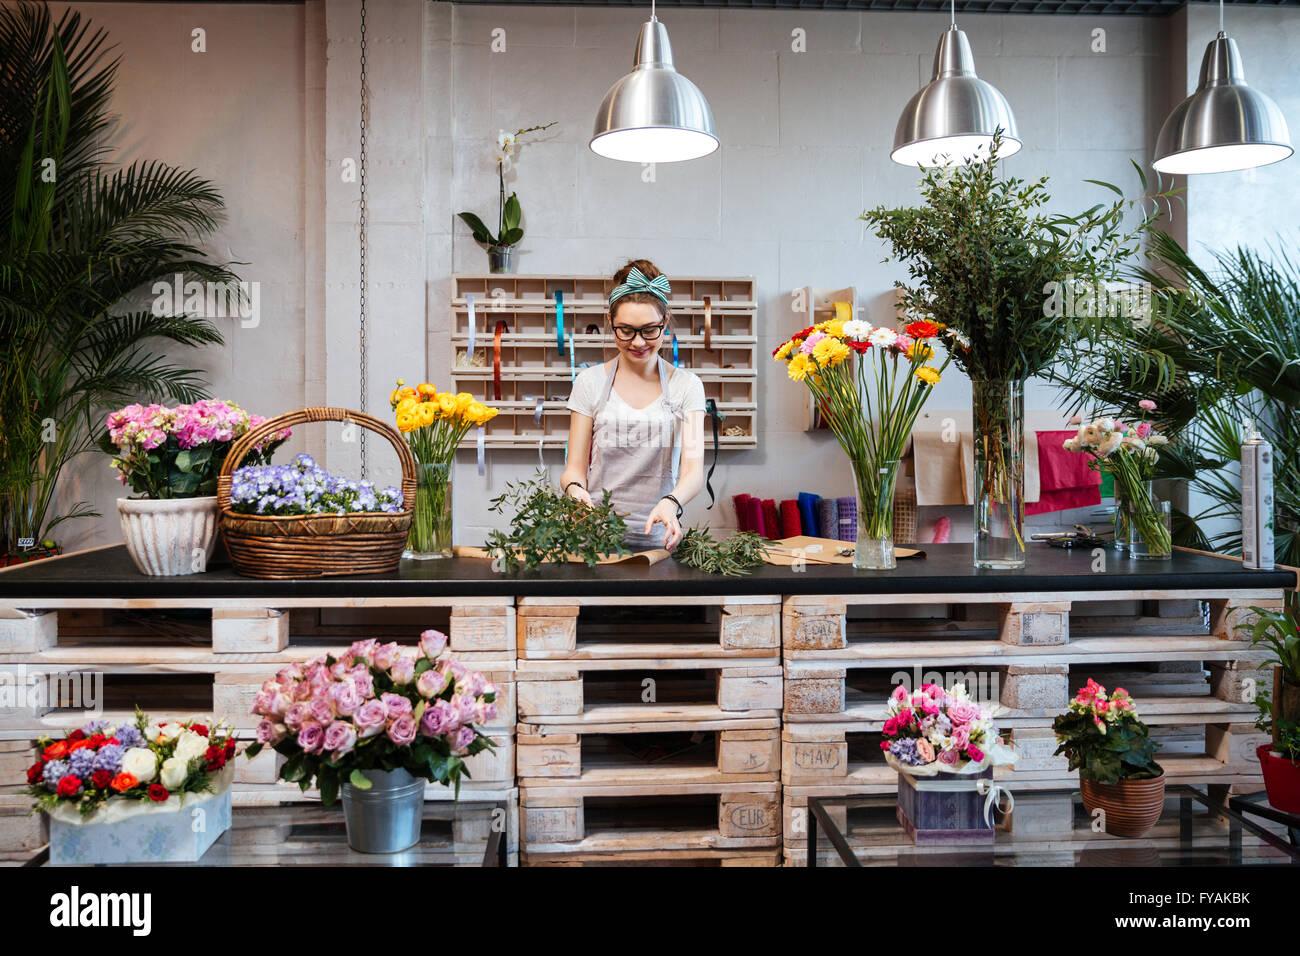 Sonriente joven mujer atractiva florista de pie y trabajando en flower shop Imagen De Stock